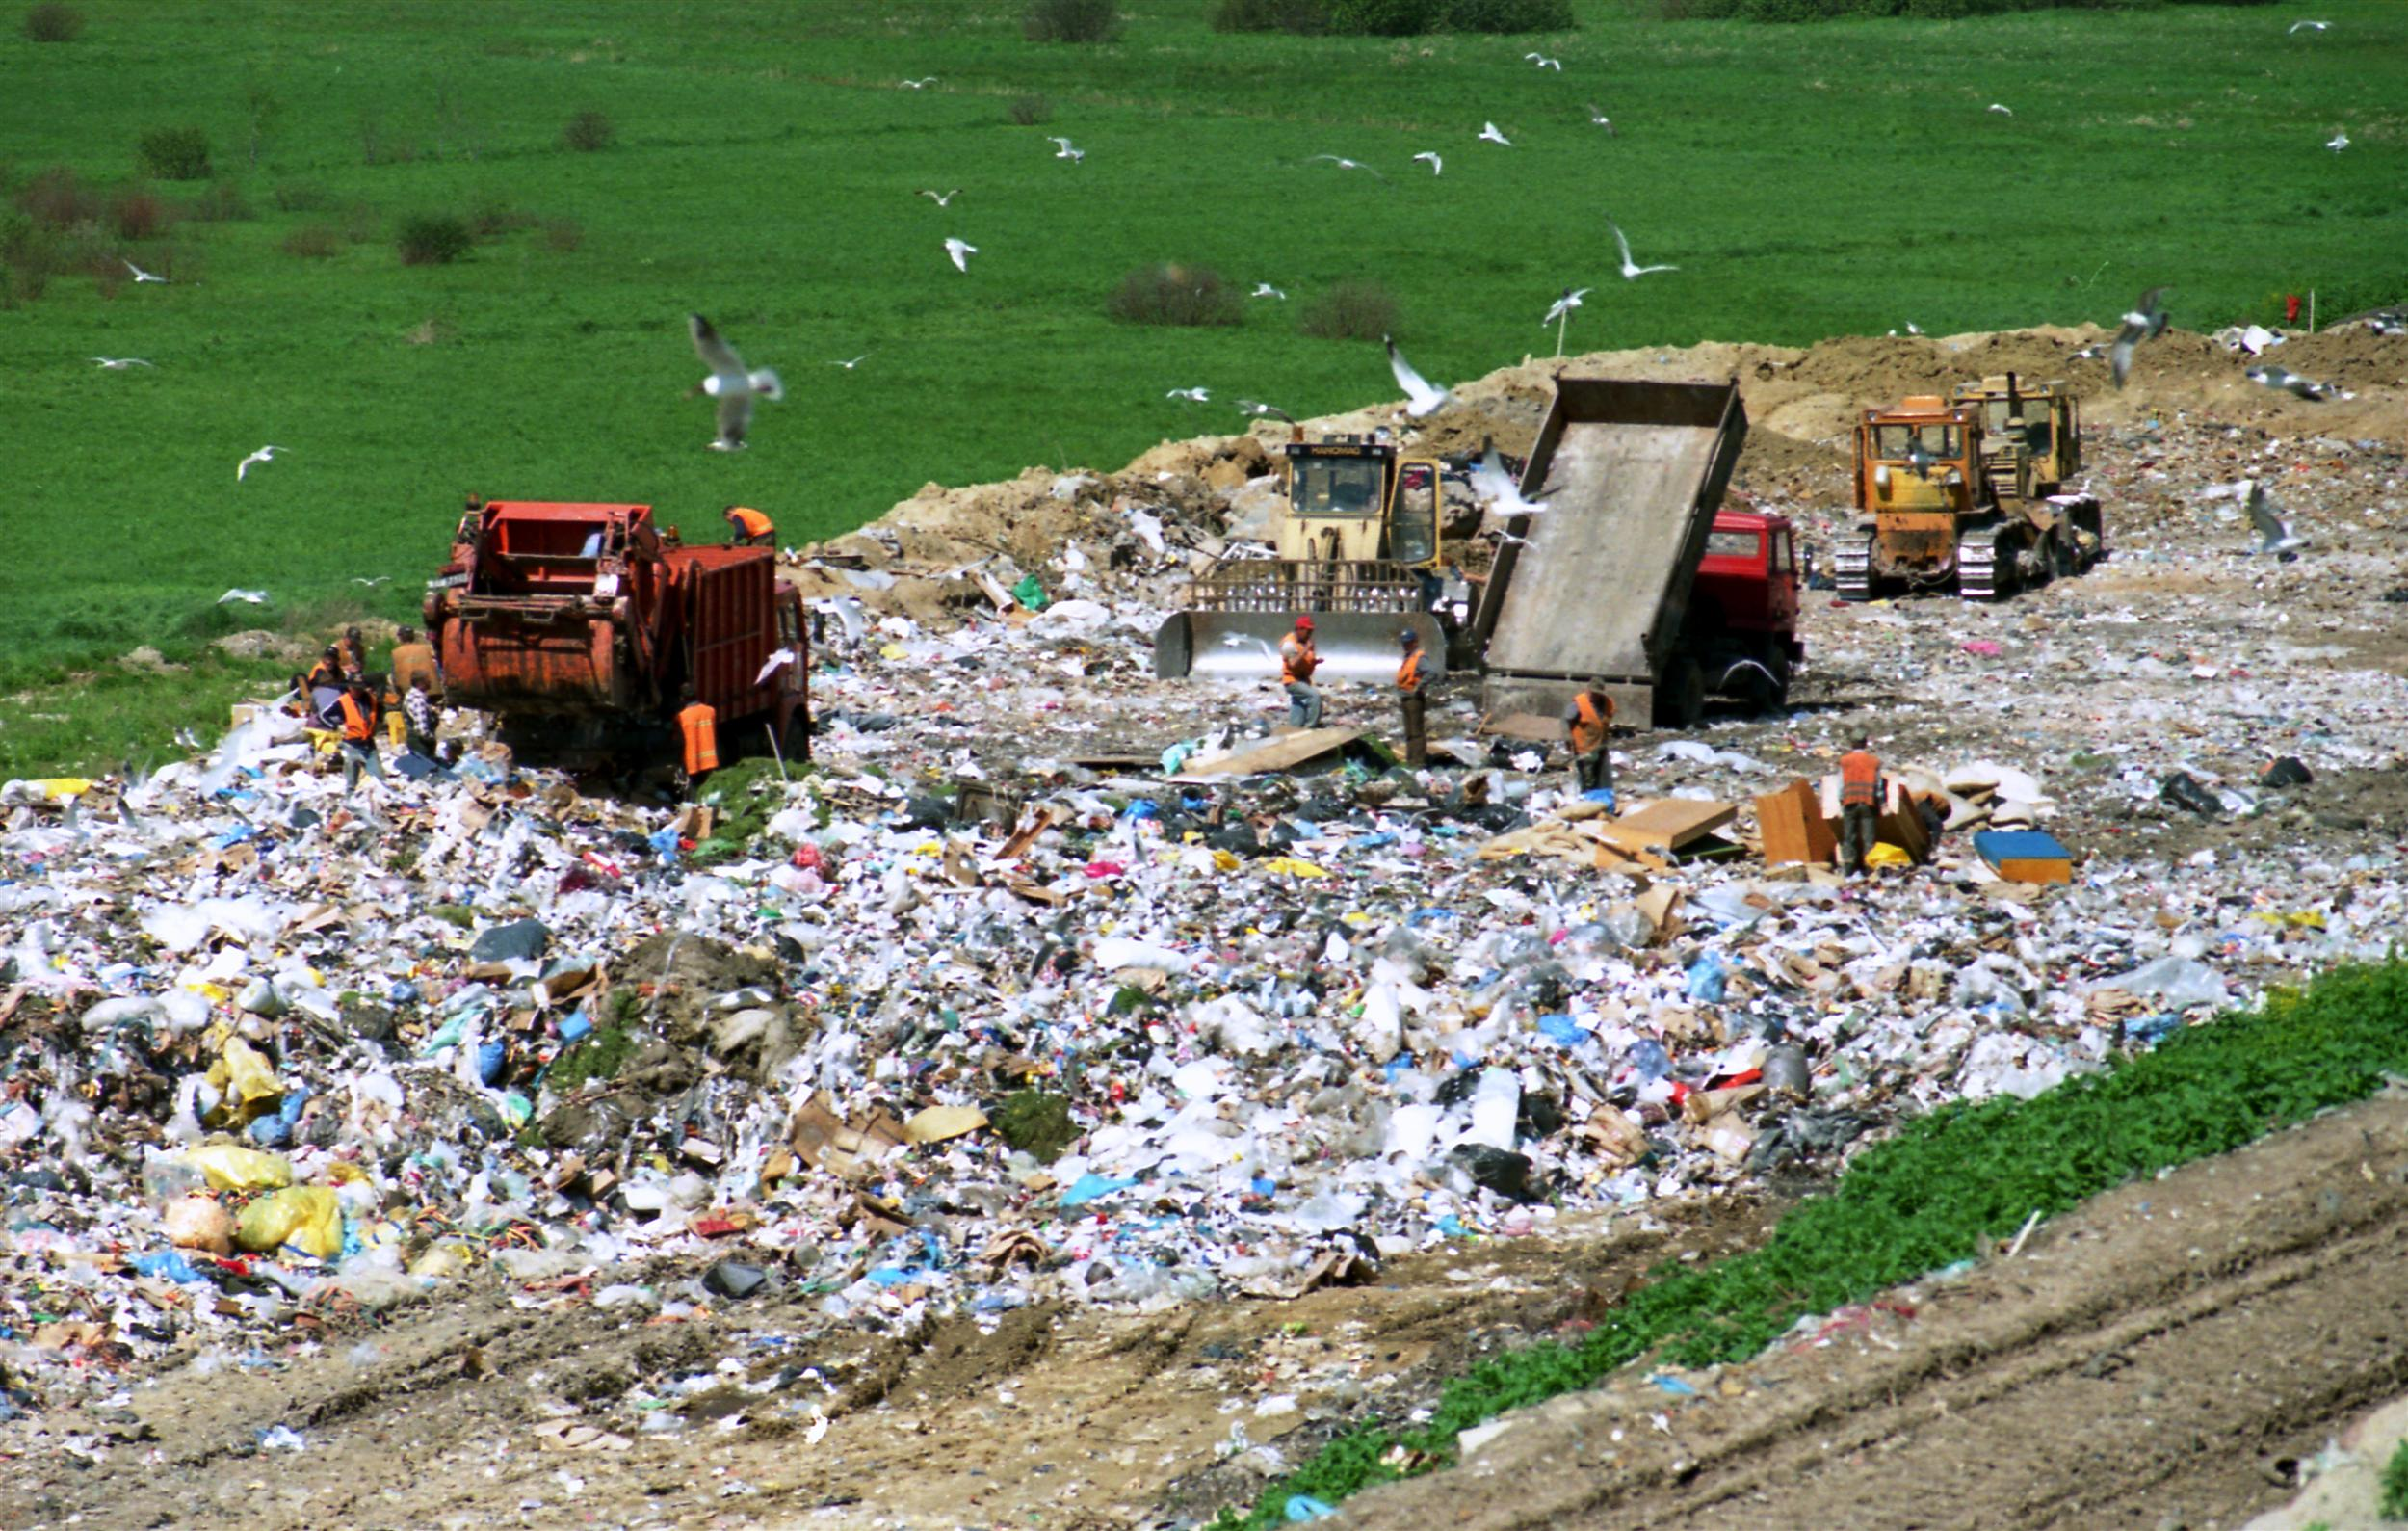 محل دفن زباله بايد به خوبي مديريت شود